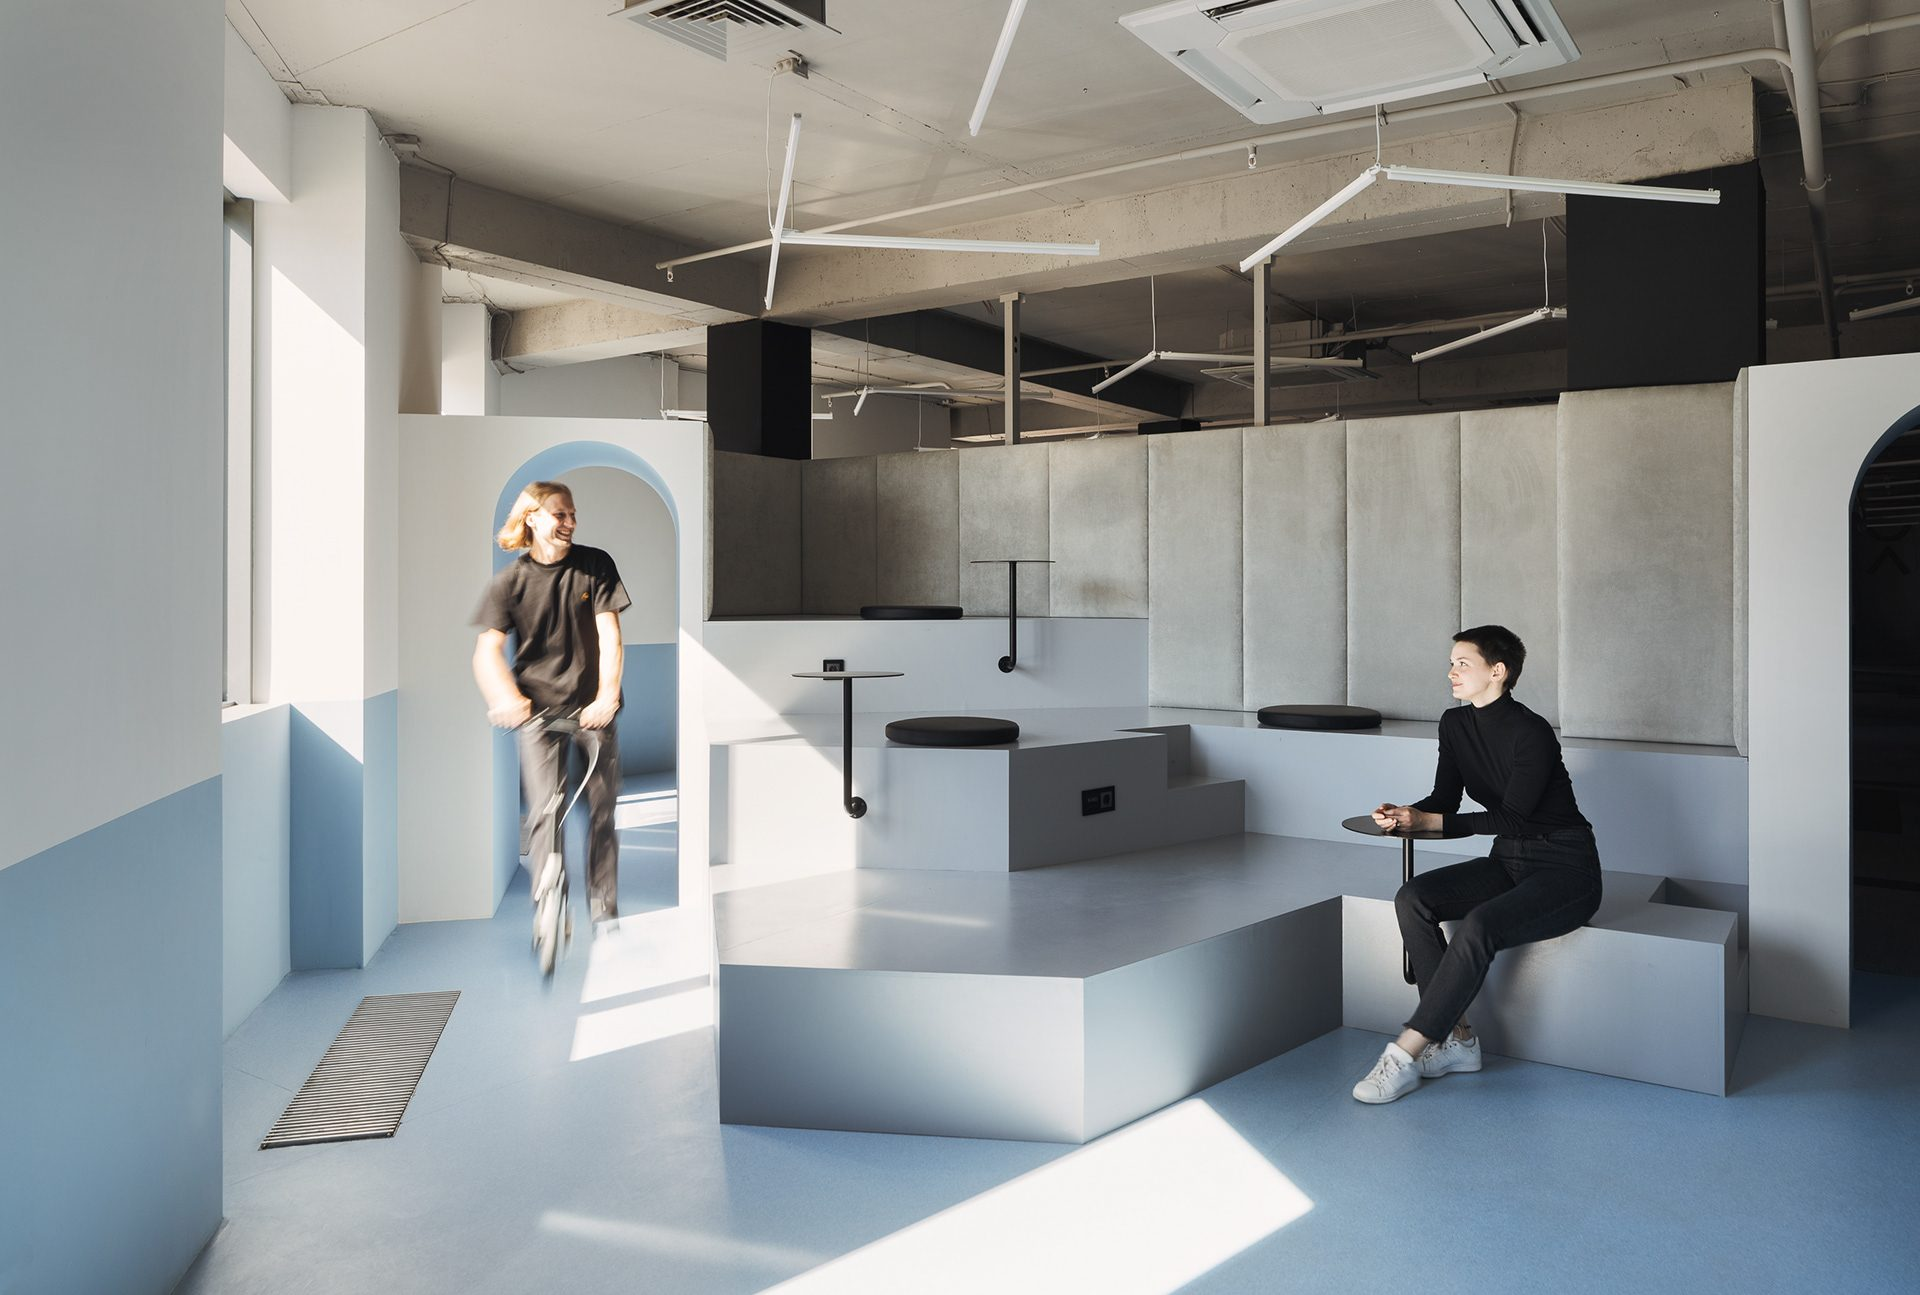 1200㎡红蓝配,优雅又高级的PANDADOC办公室。